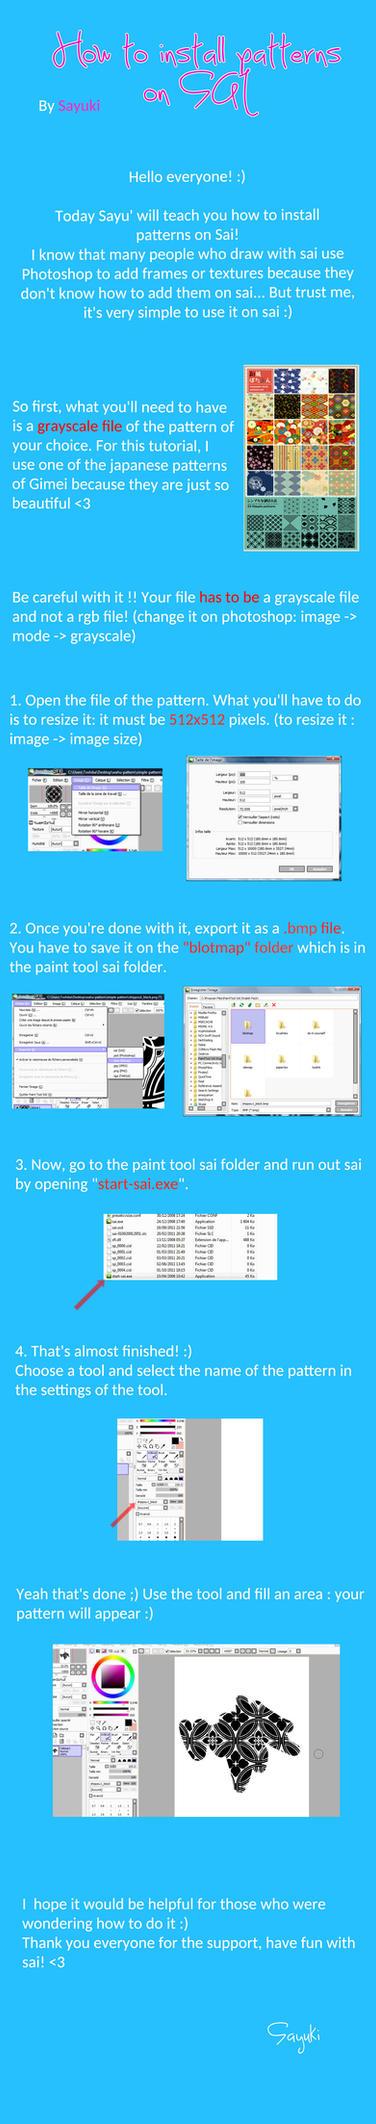 Install patterns on SAI by Sayuki-Art